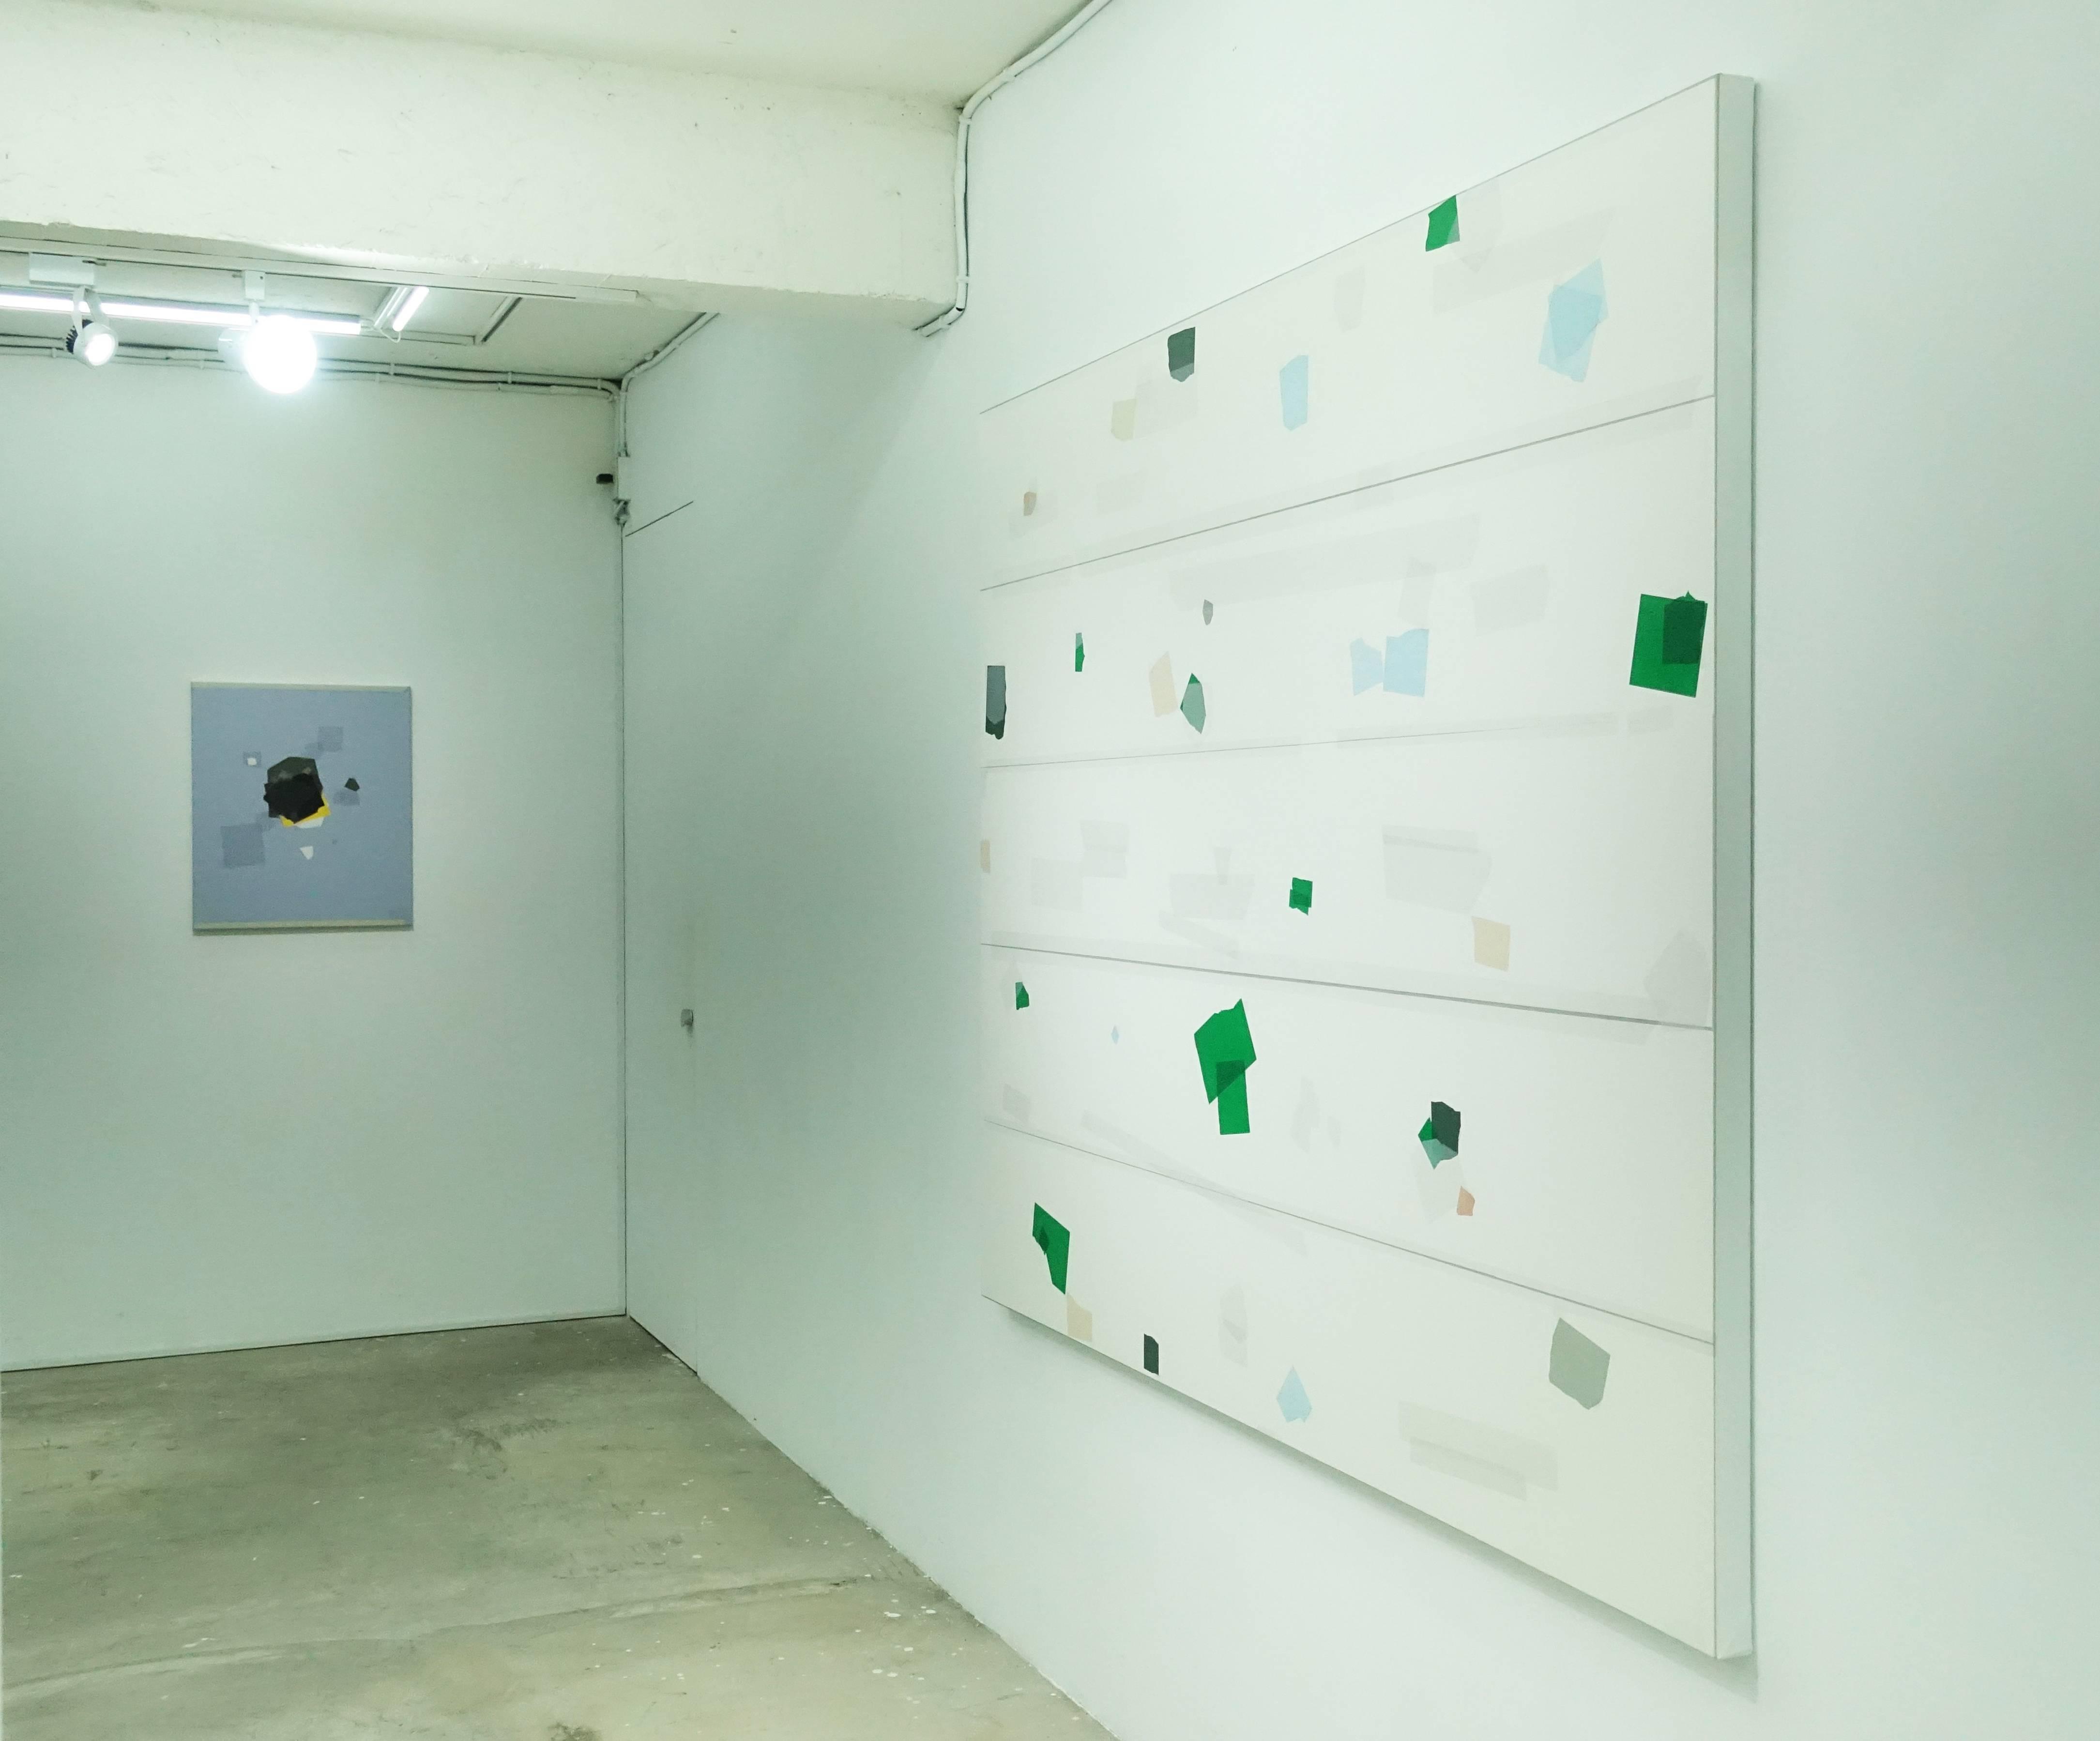 路由藝術展出荷蘭藝術家基斯·古祖瓦德作品。